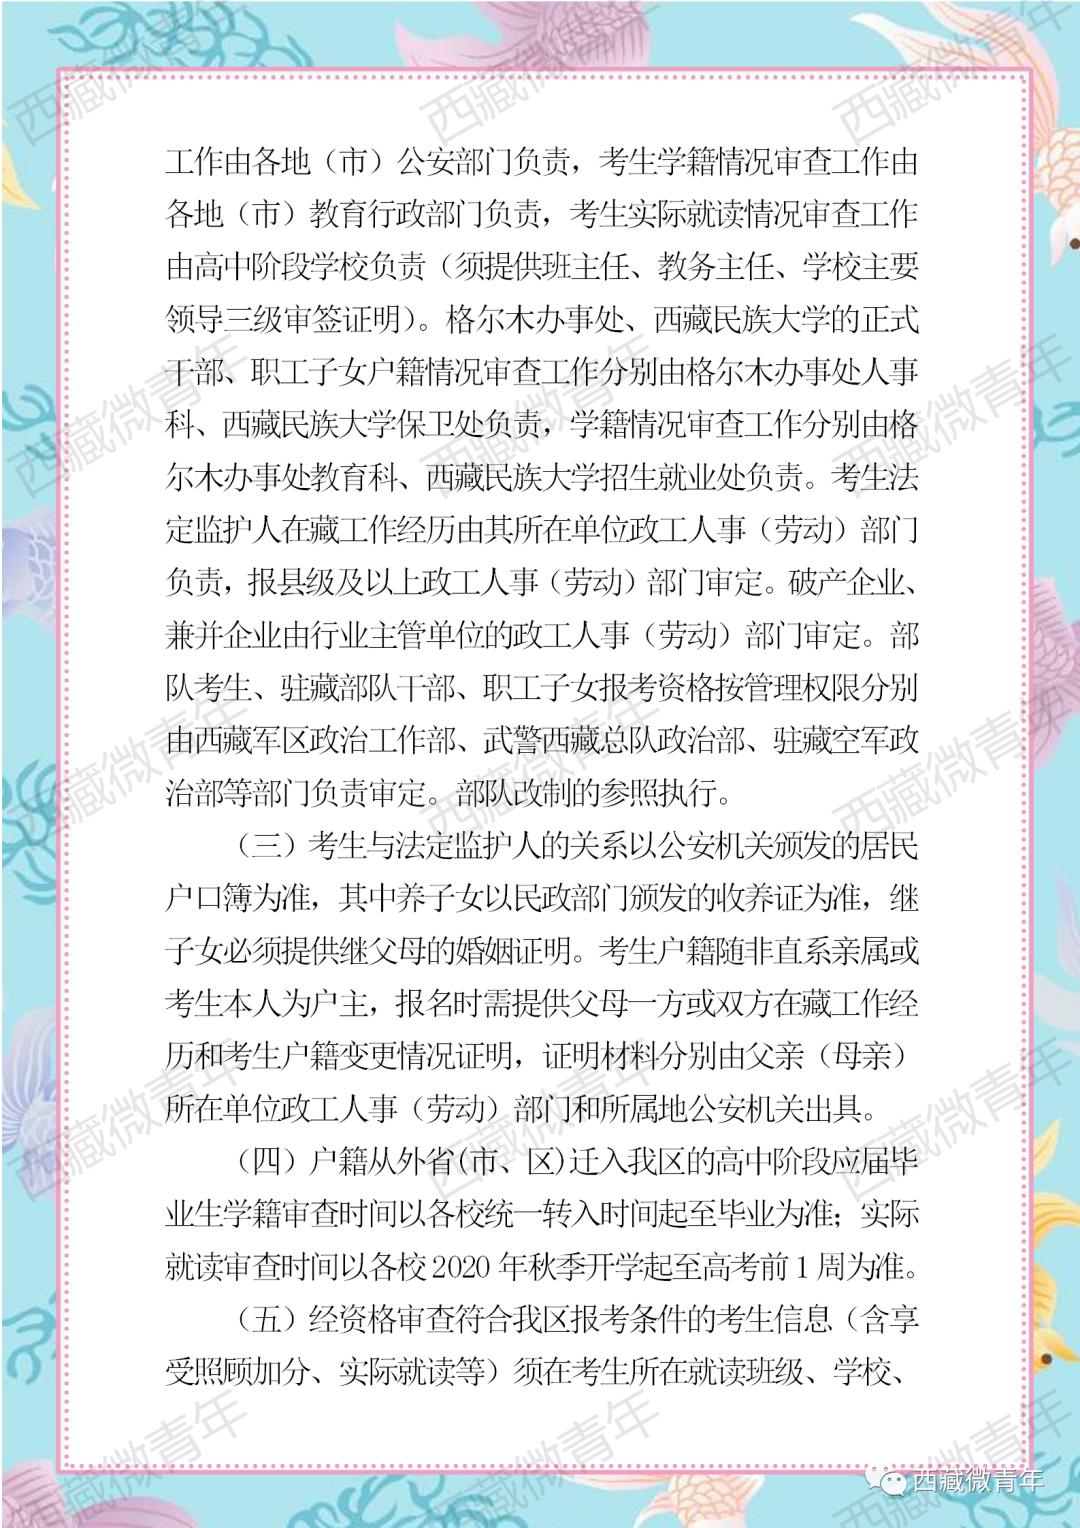 西藏自治区2021年高考明天开始报名啦!